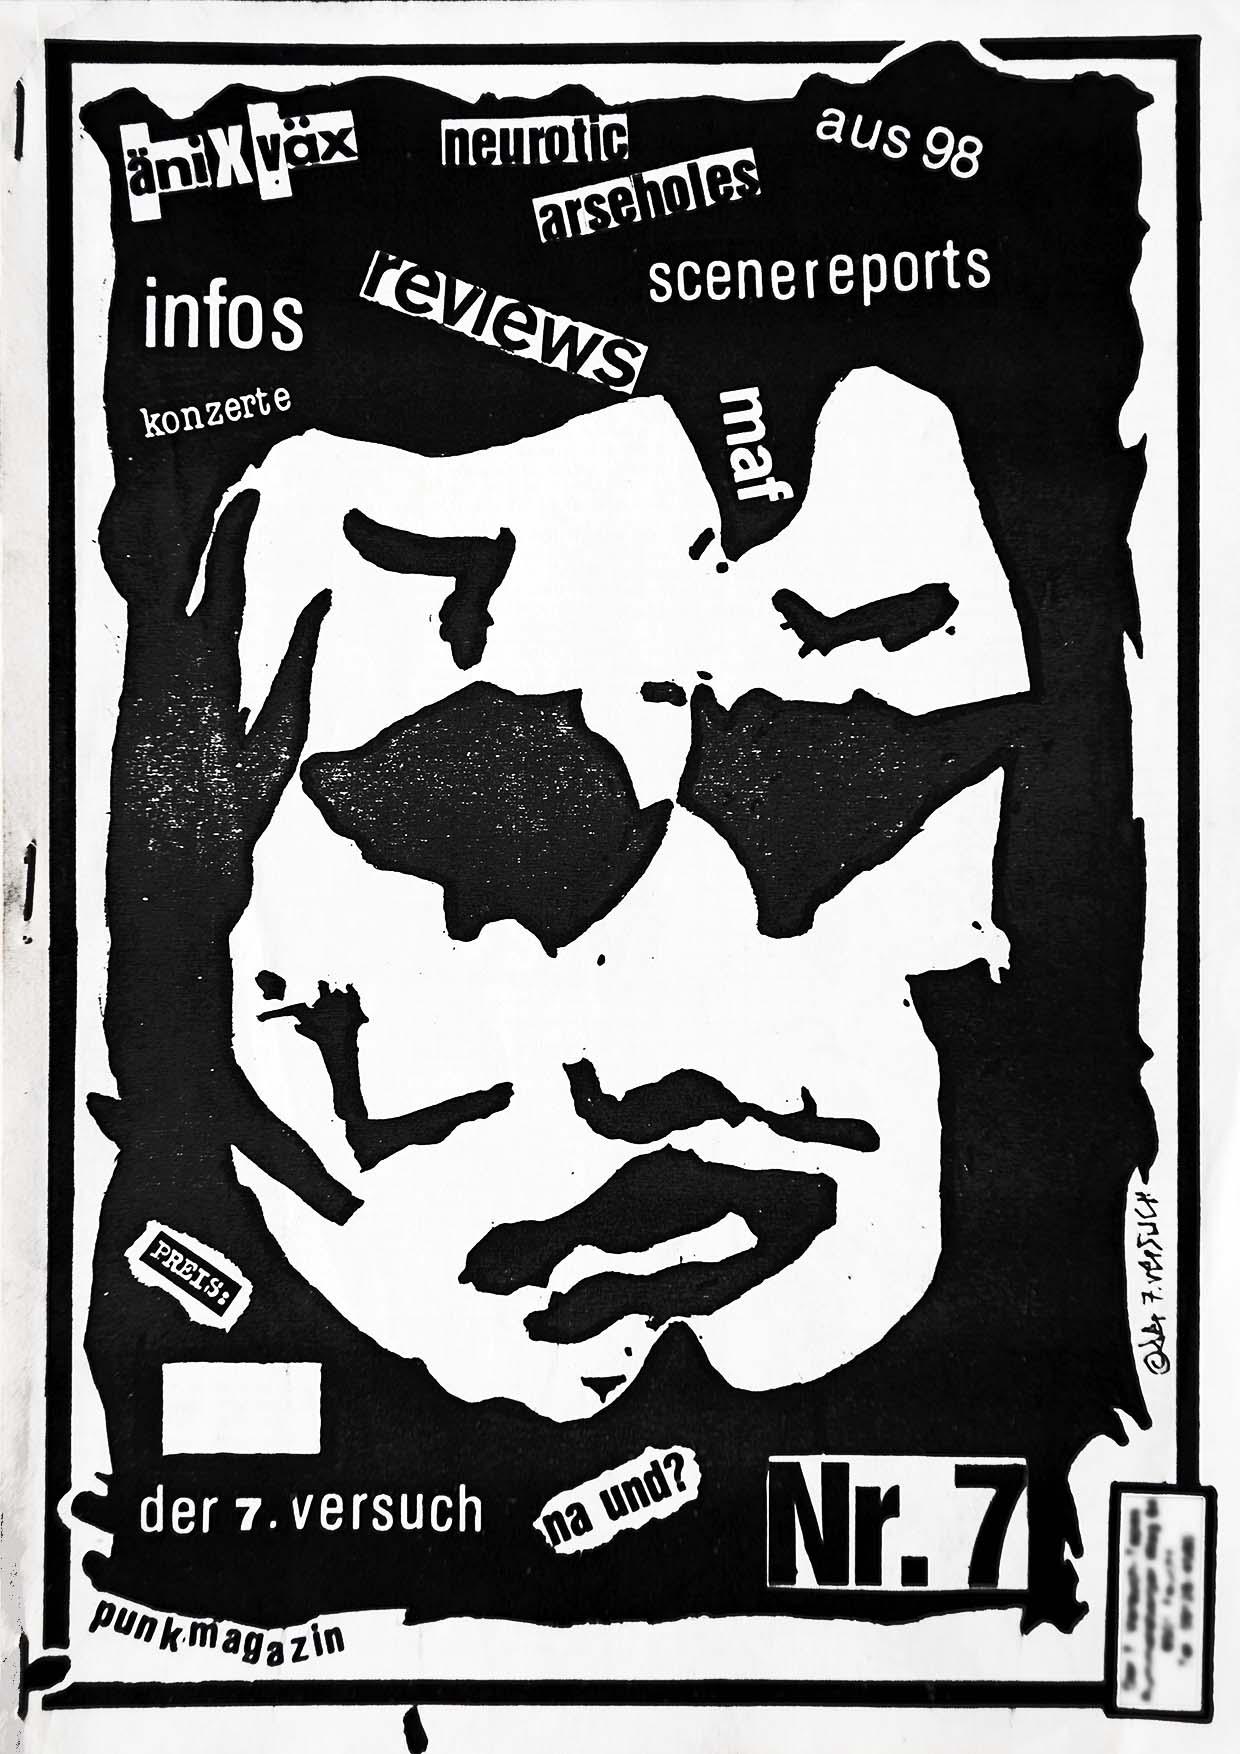 Der 7. Versuch - Ausgabe 7 - Seite 01 - Fanzine - 1985